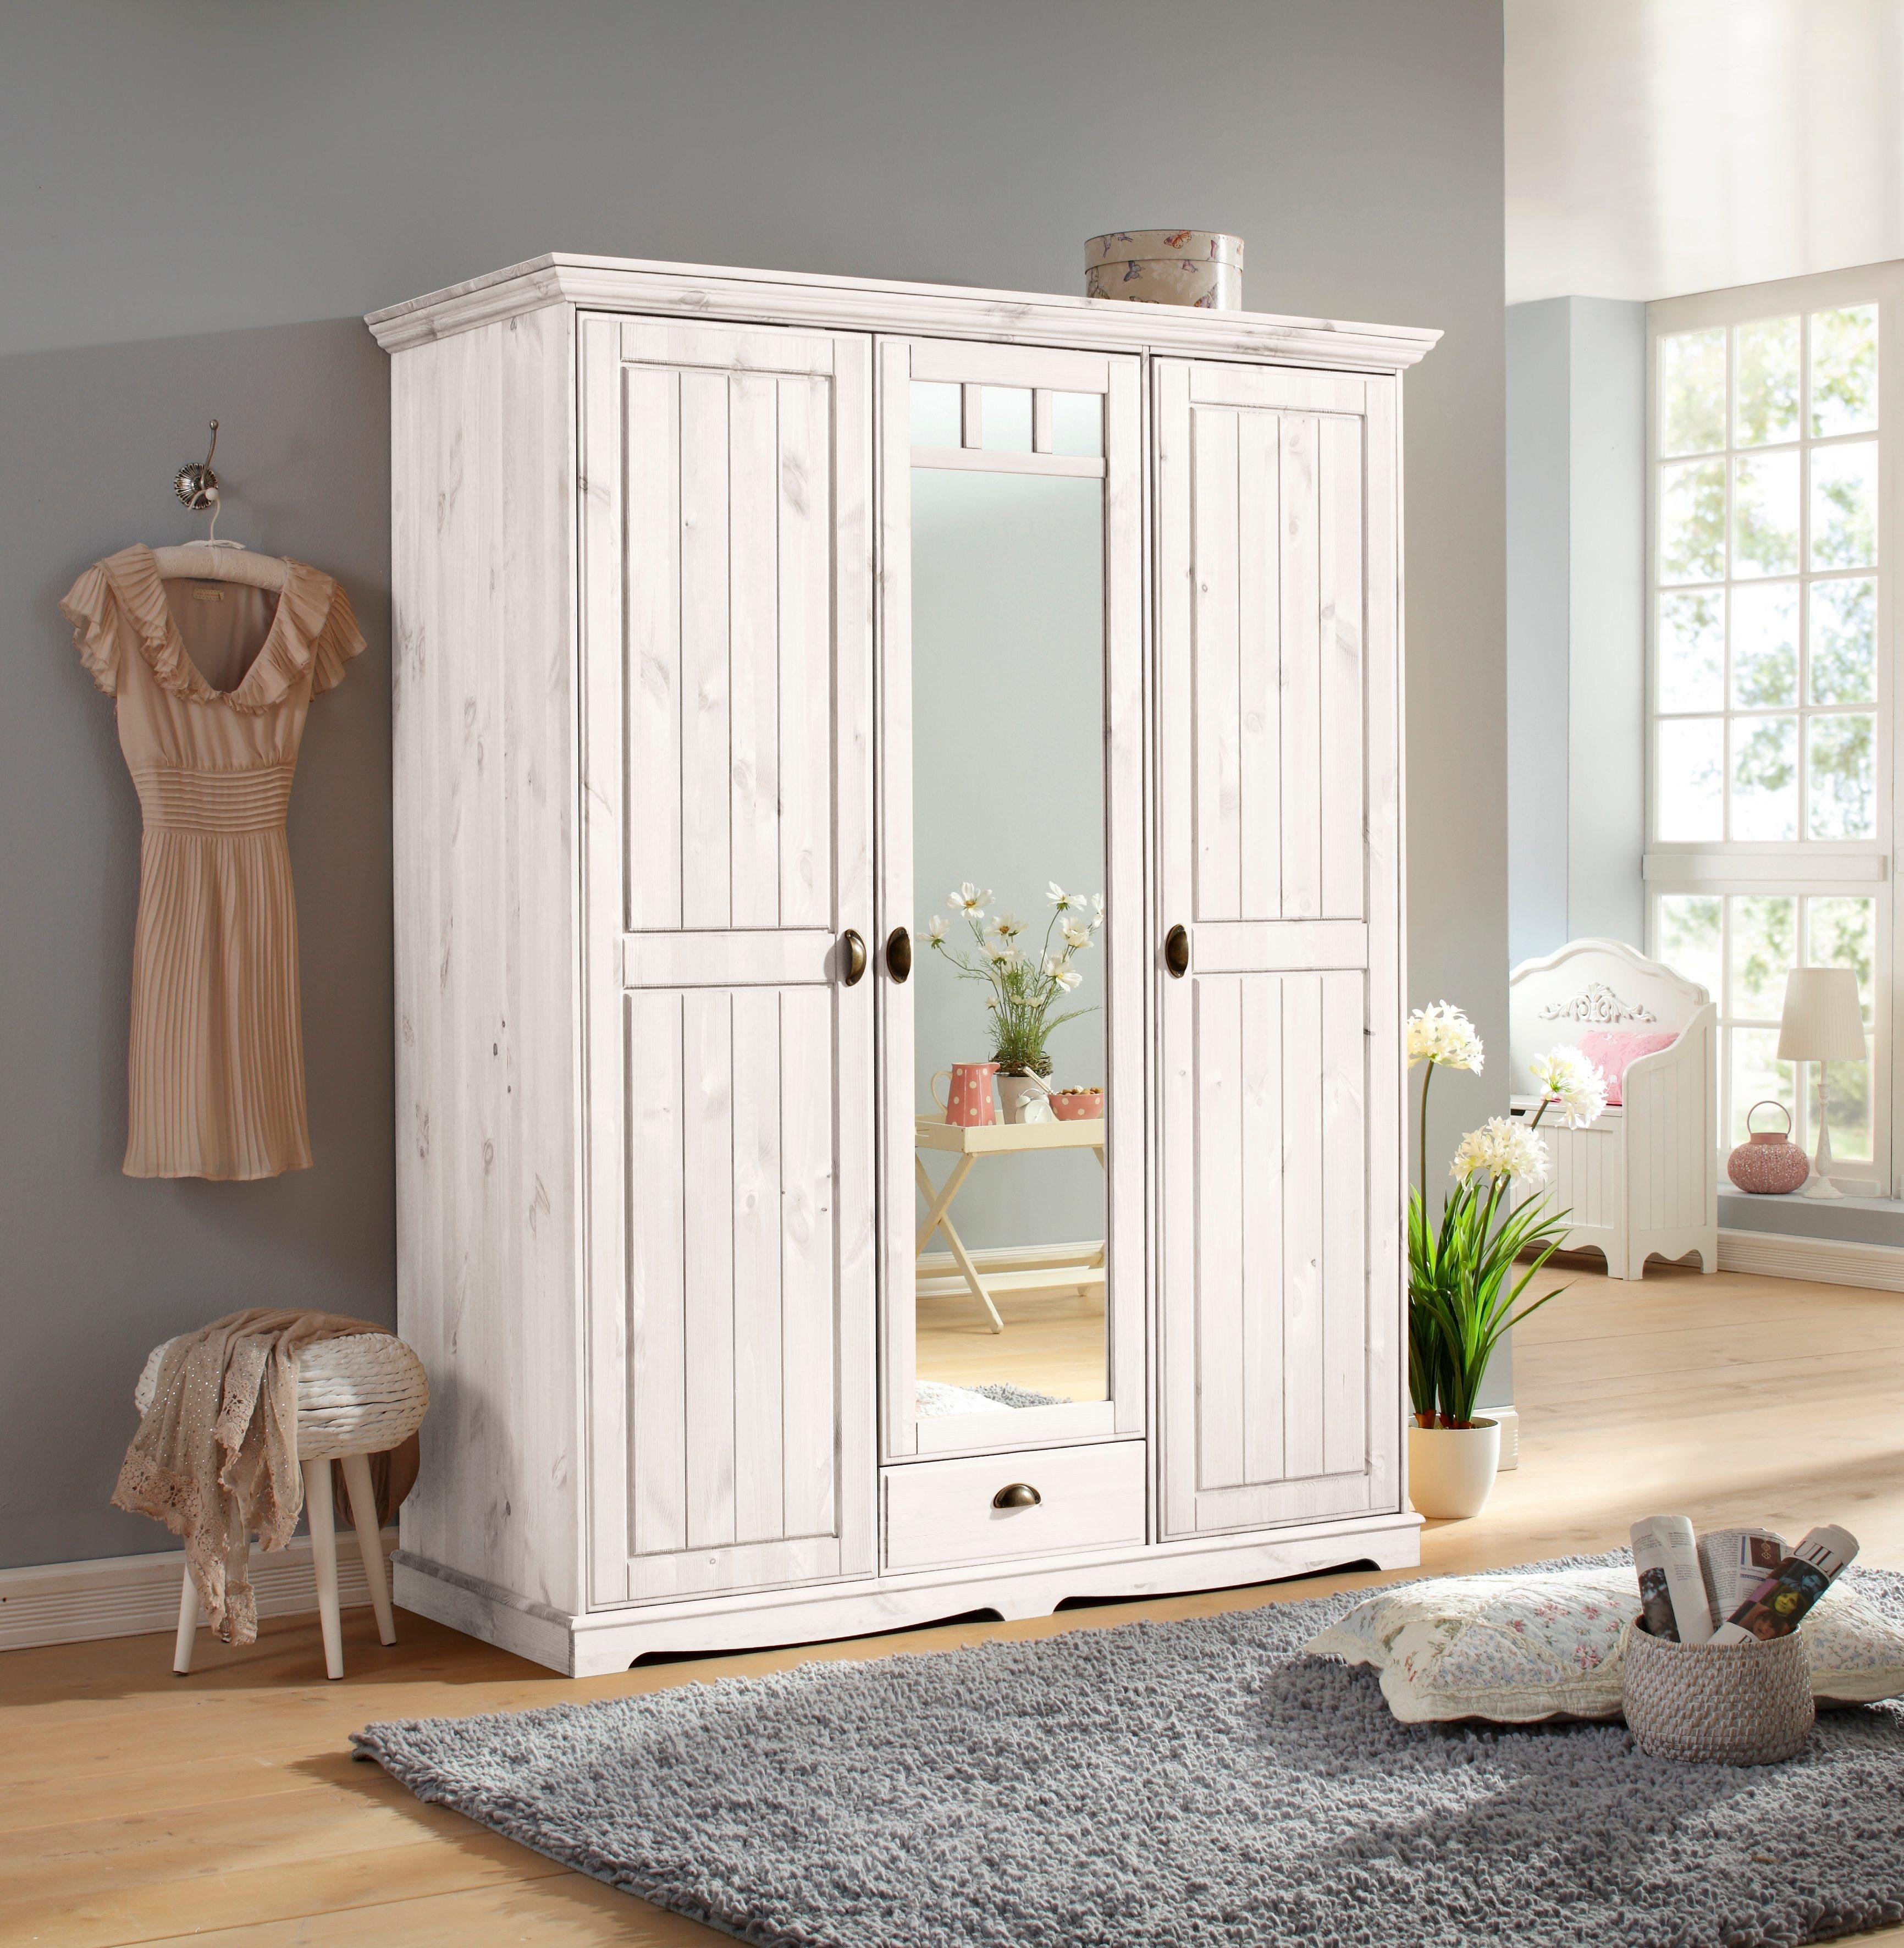 Home affaire Kleiderschrank »Claudia« kaufen   BAUR